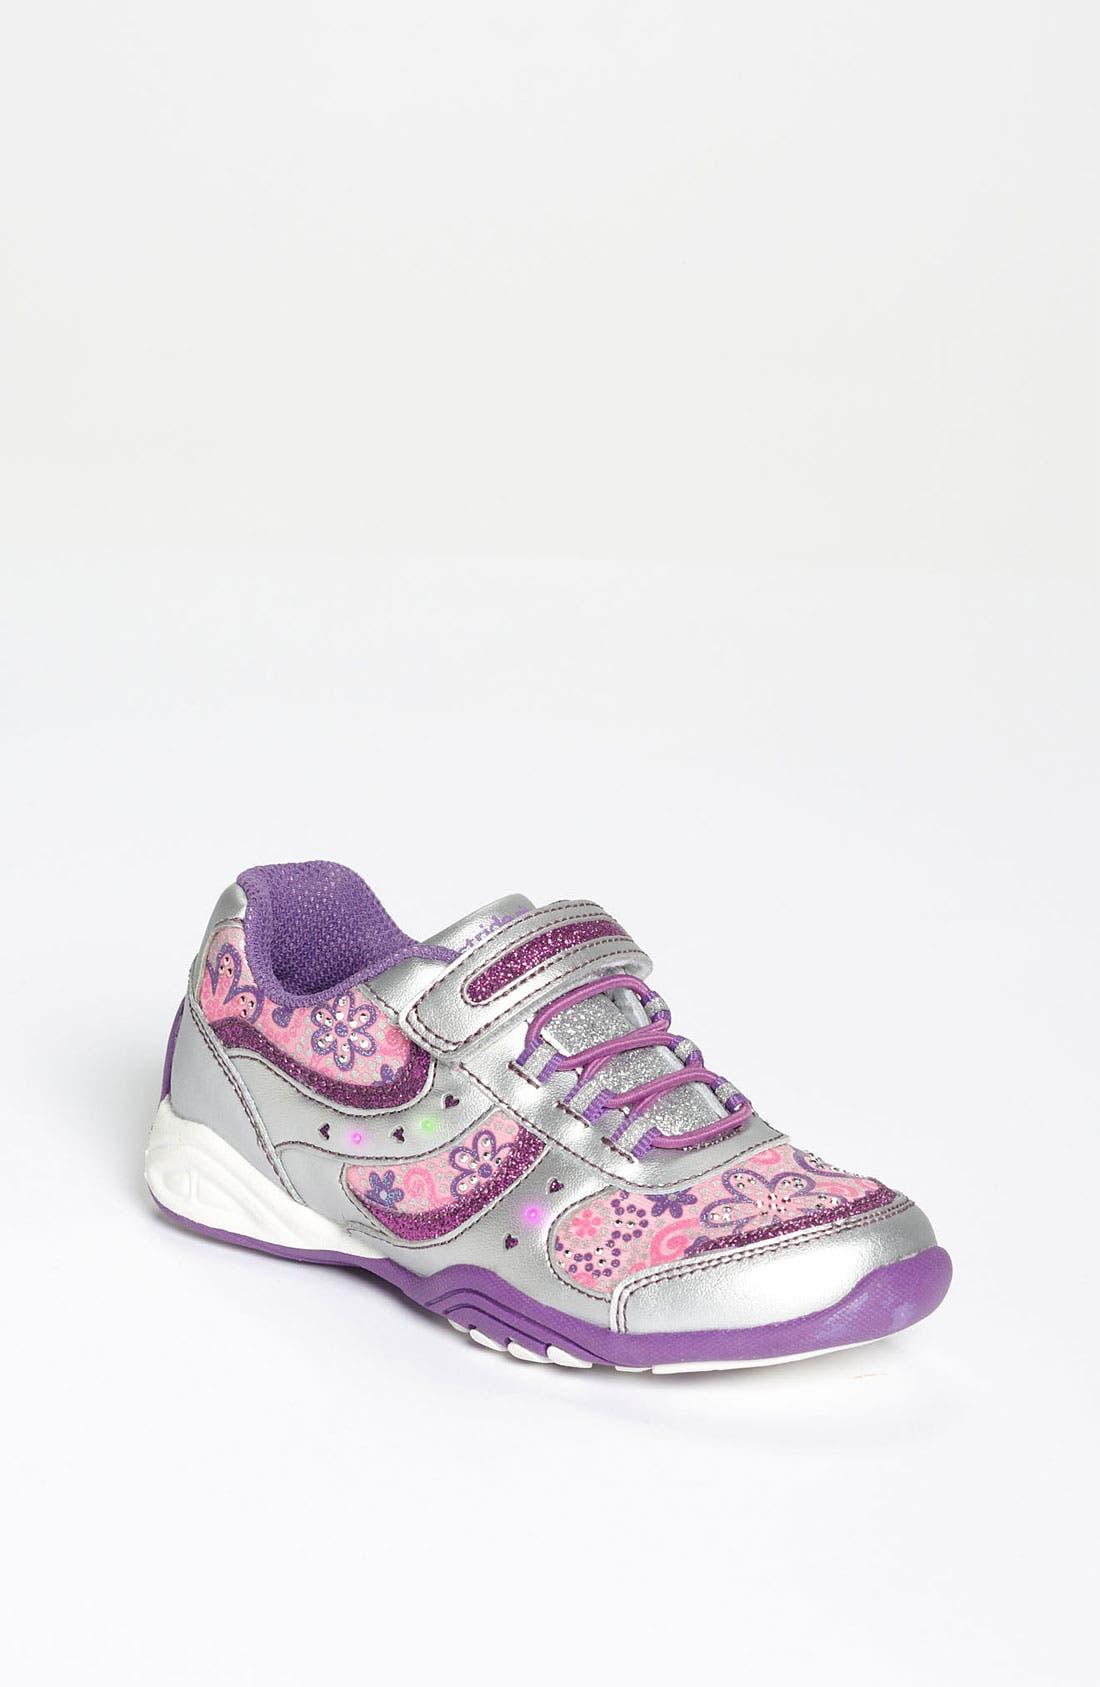 Alternate Image 1 Selected - Stride Rite 'Starlit' Light-Up Sneaker (Toddler & Little Kid)